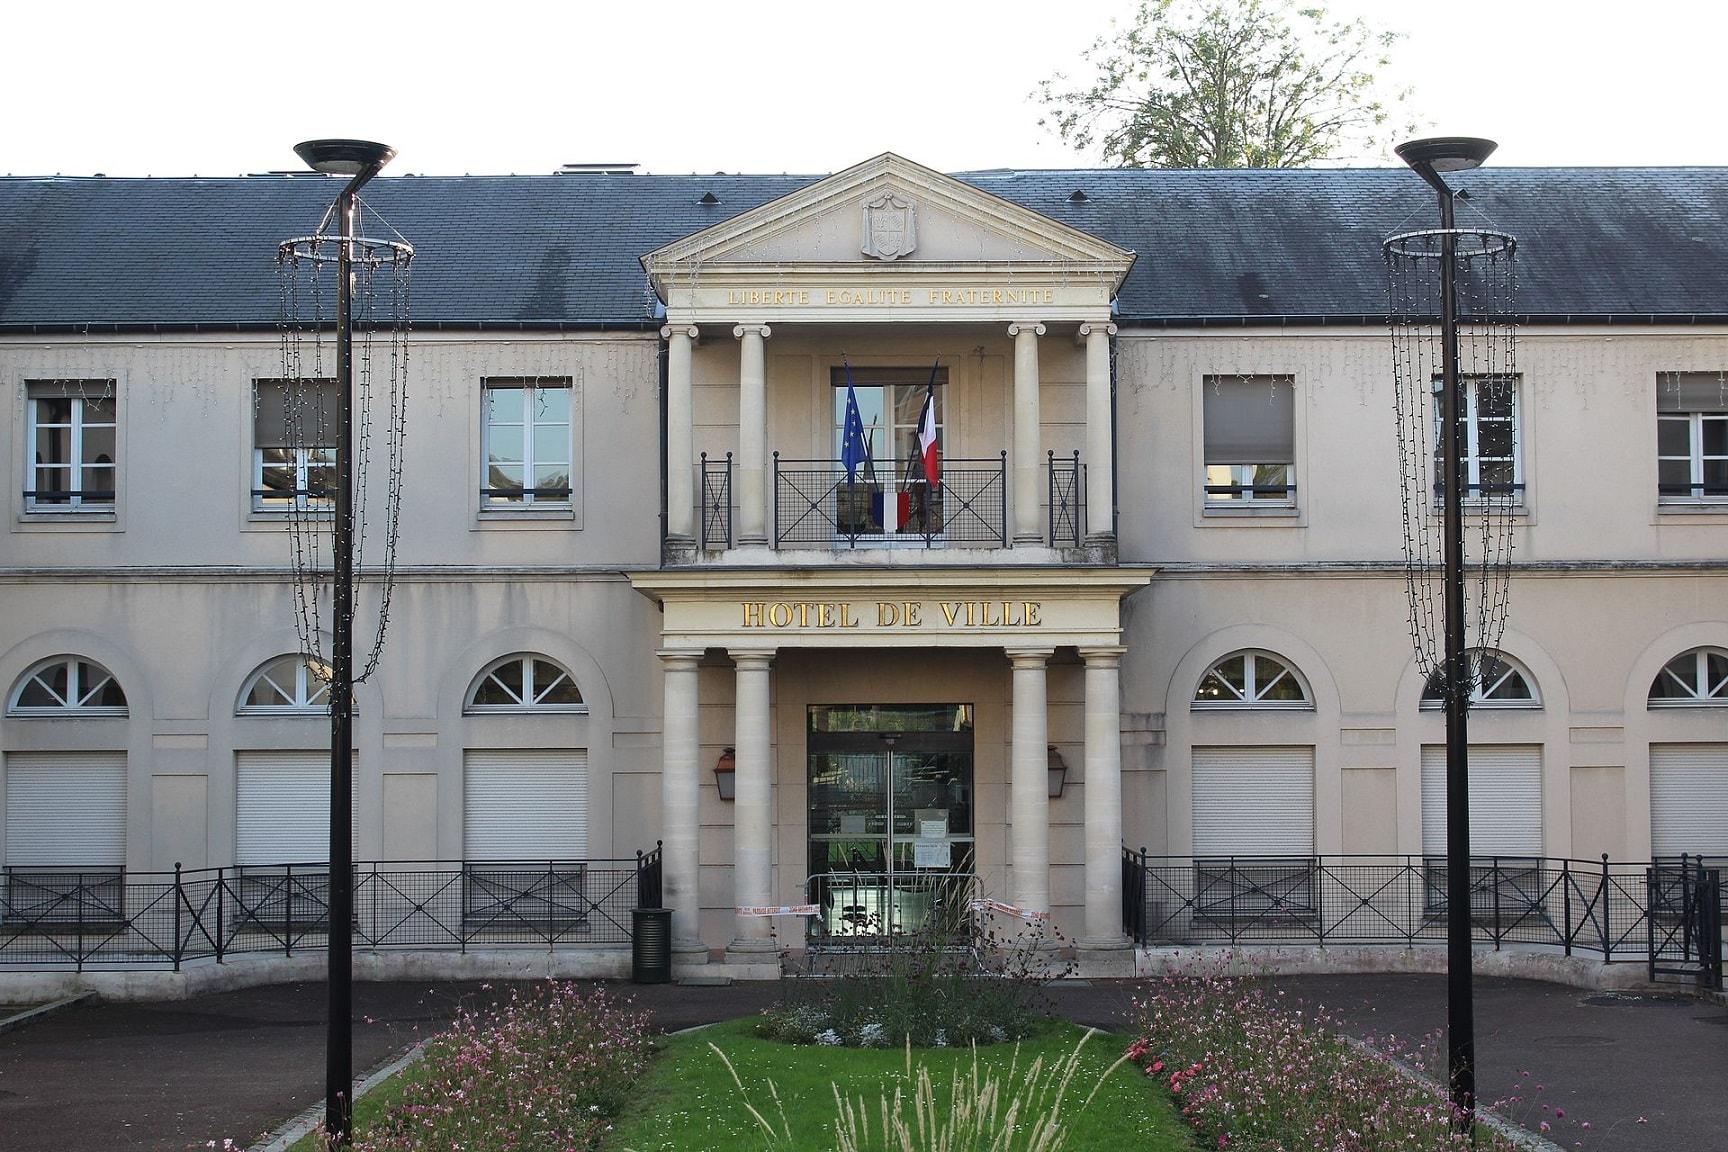 taxi conventionné Chelles Seine-et-Marne mairie hôtel de ville